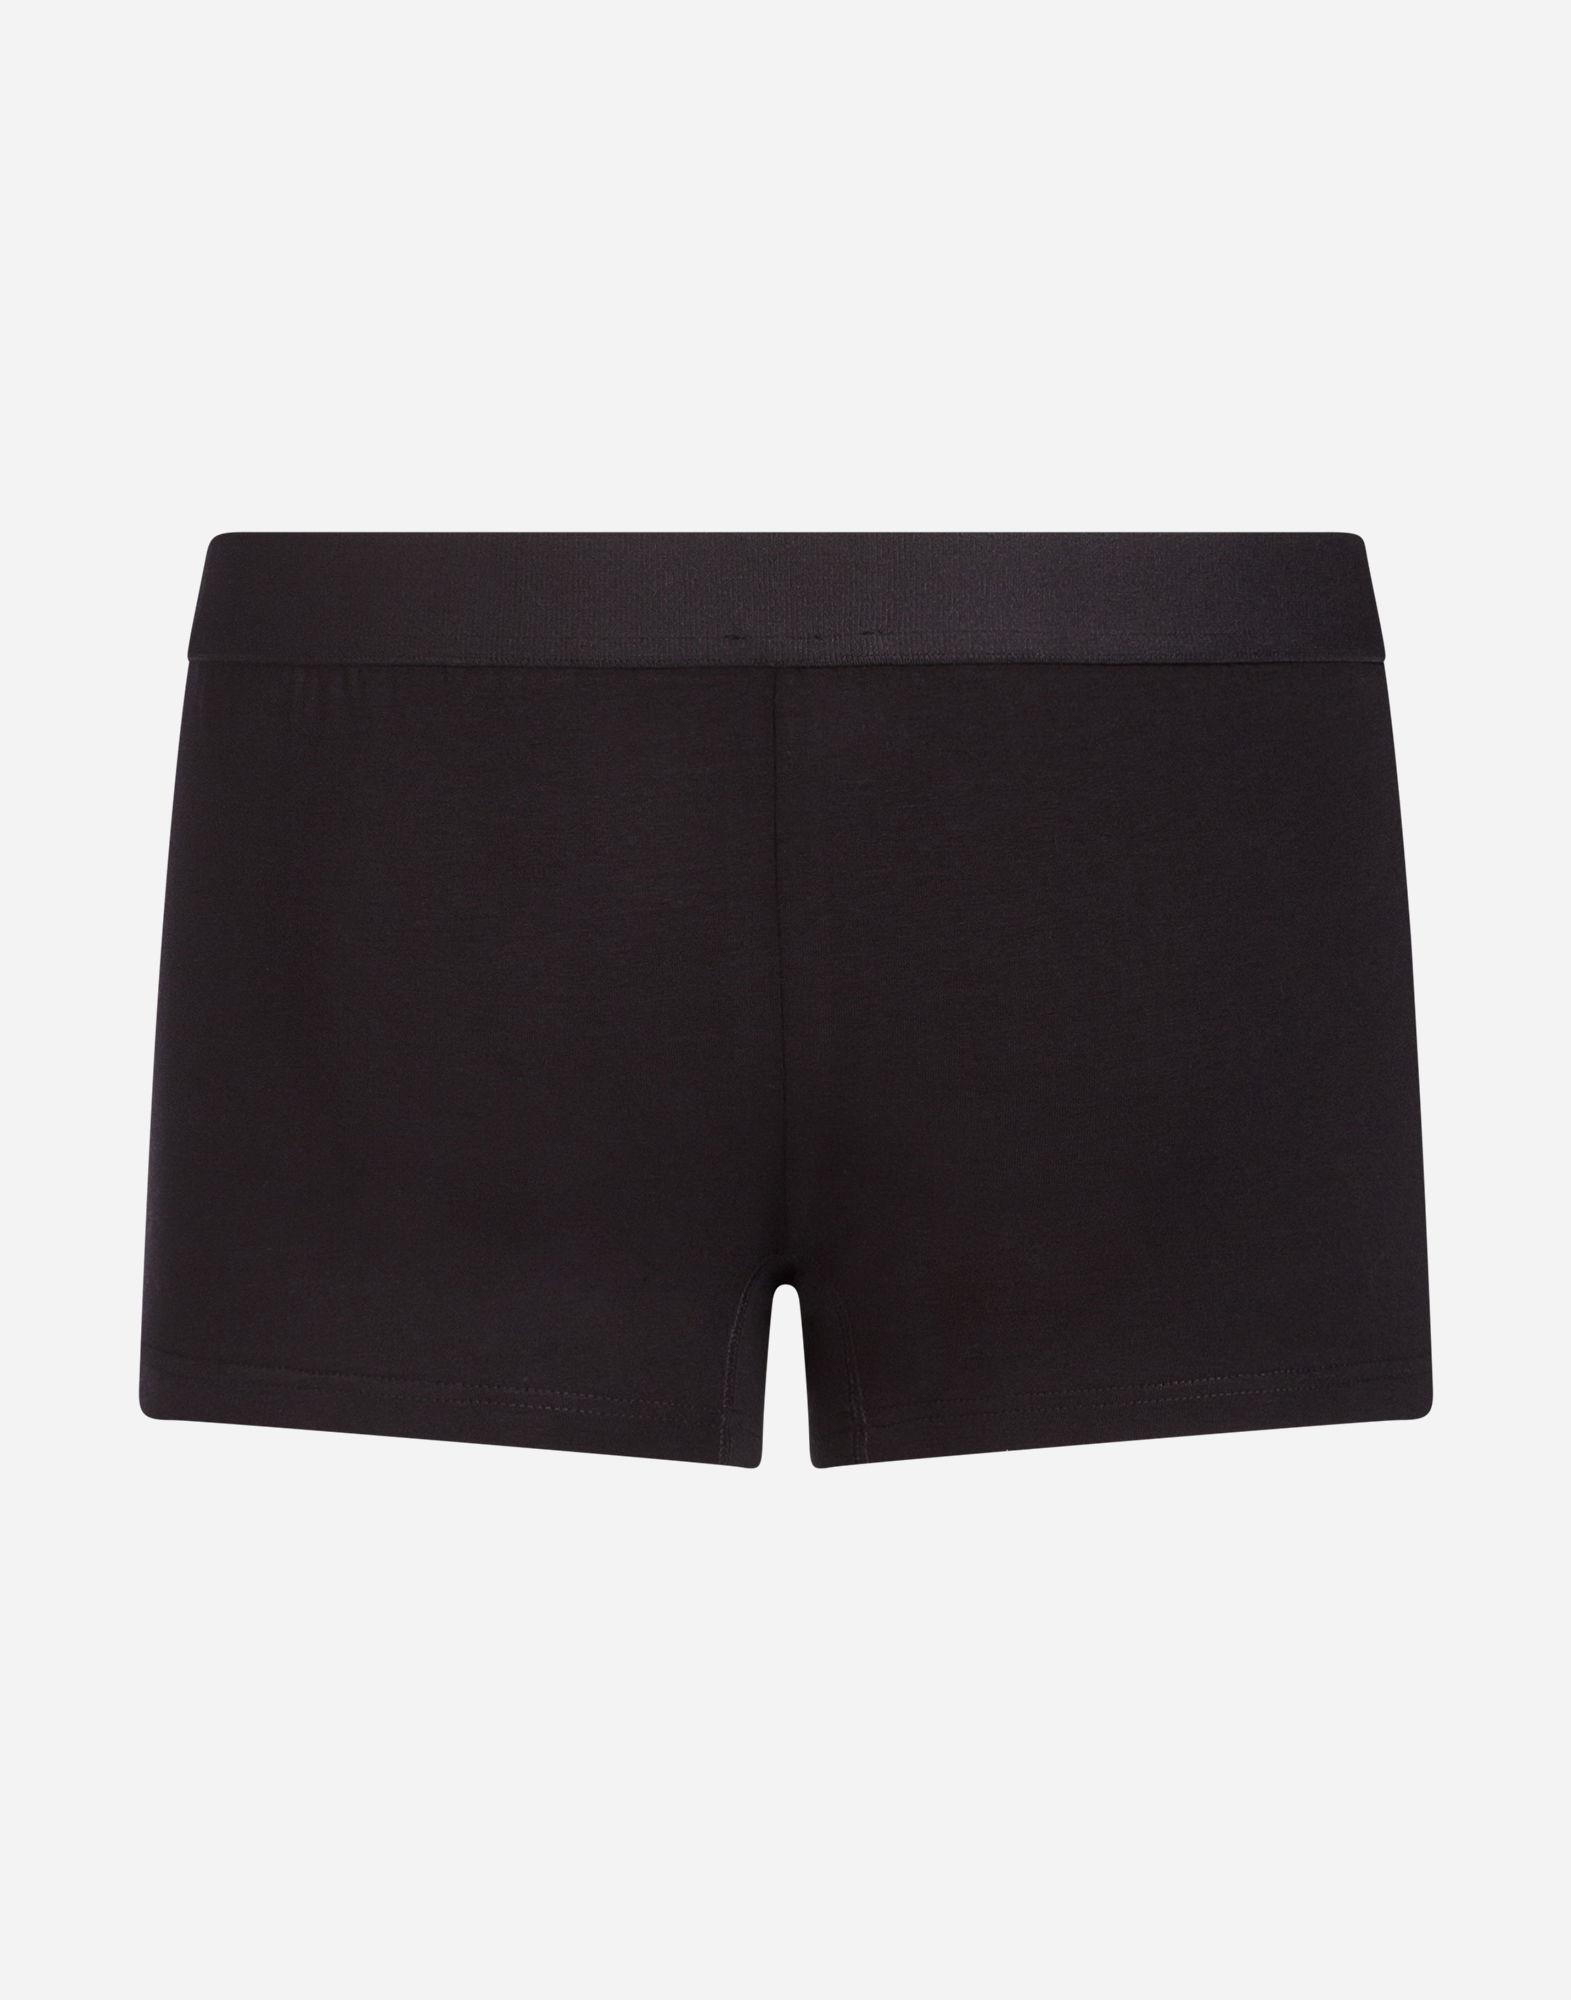 Dolce & Gabbana Black Stretch Cotton Boxer Briefs